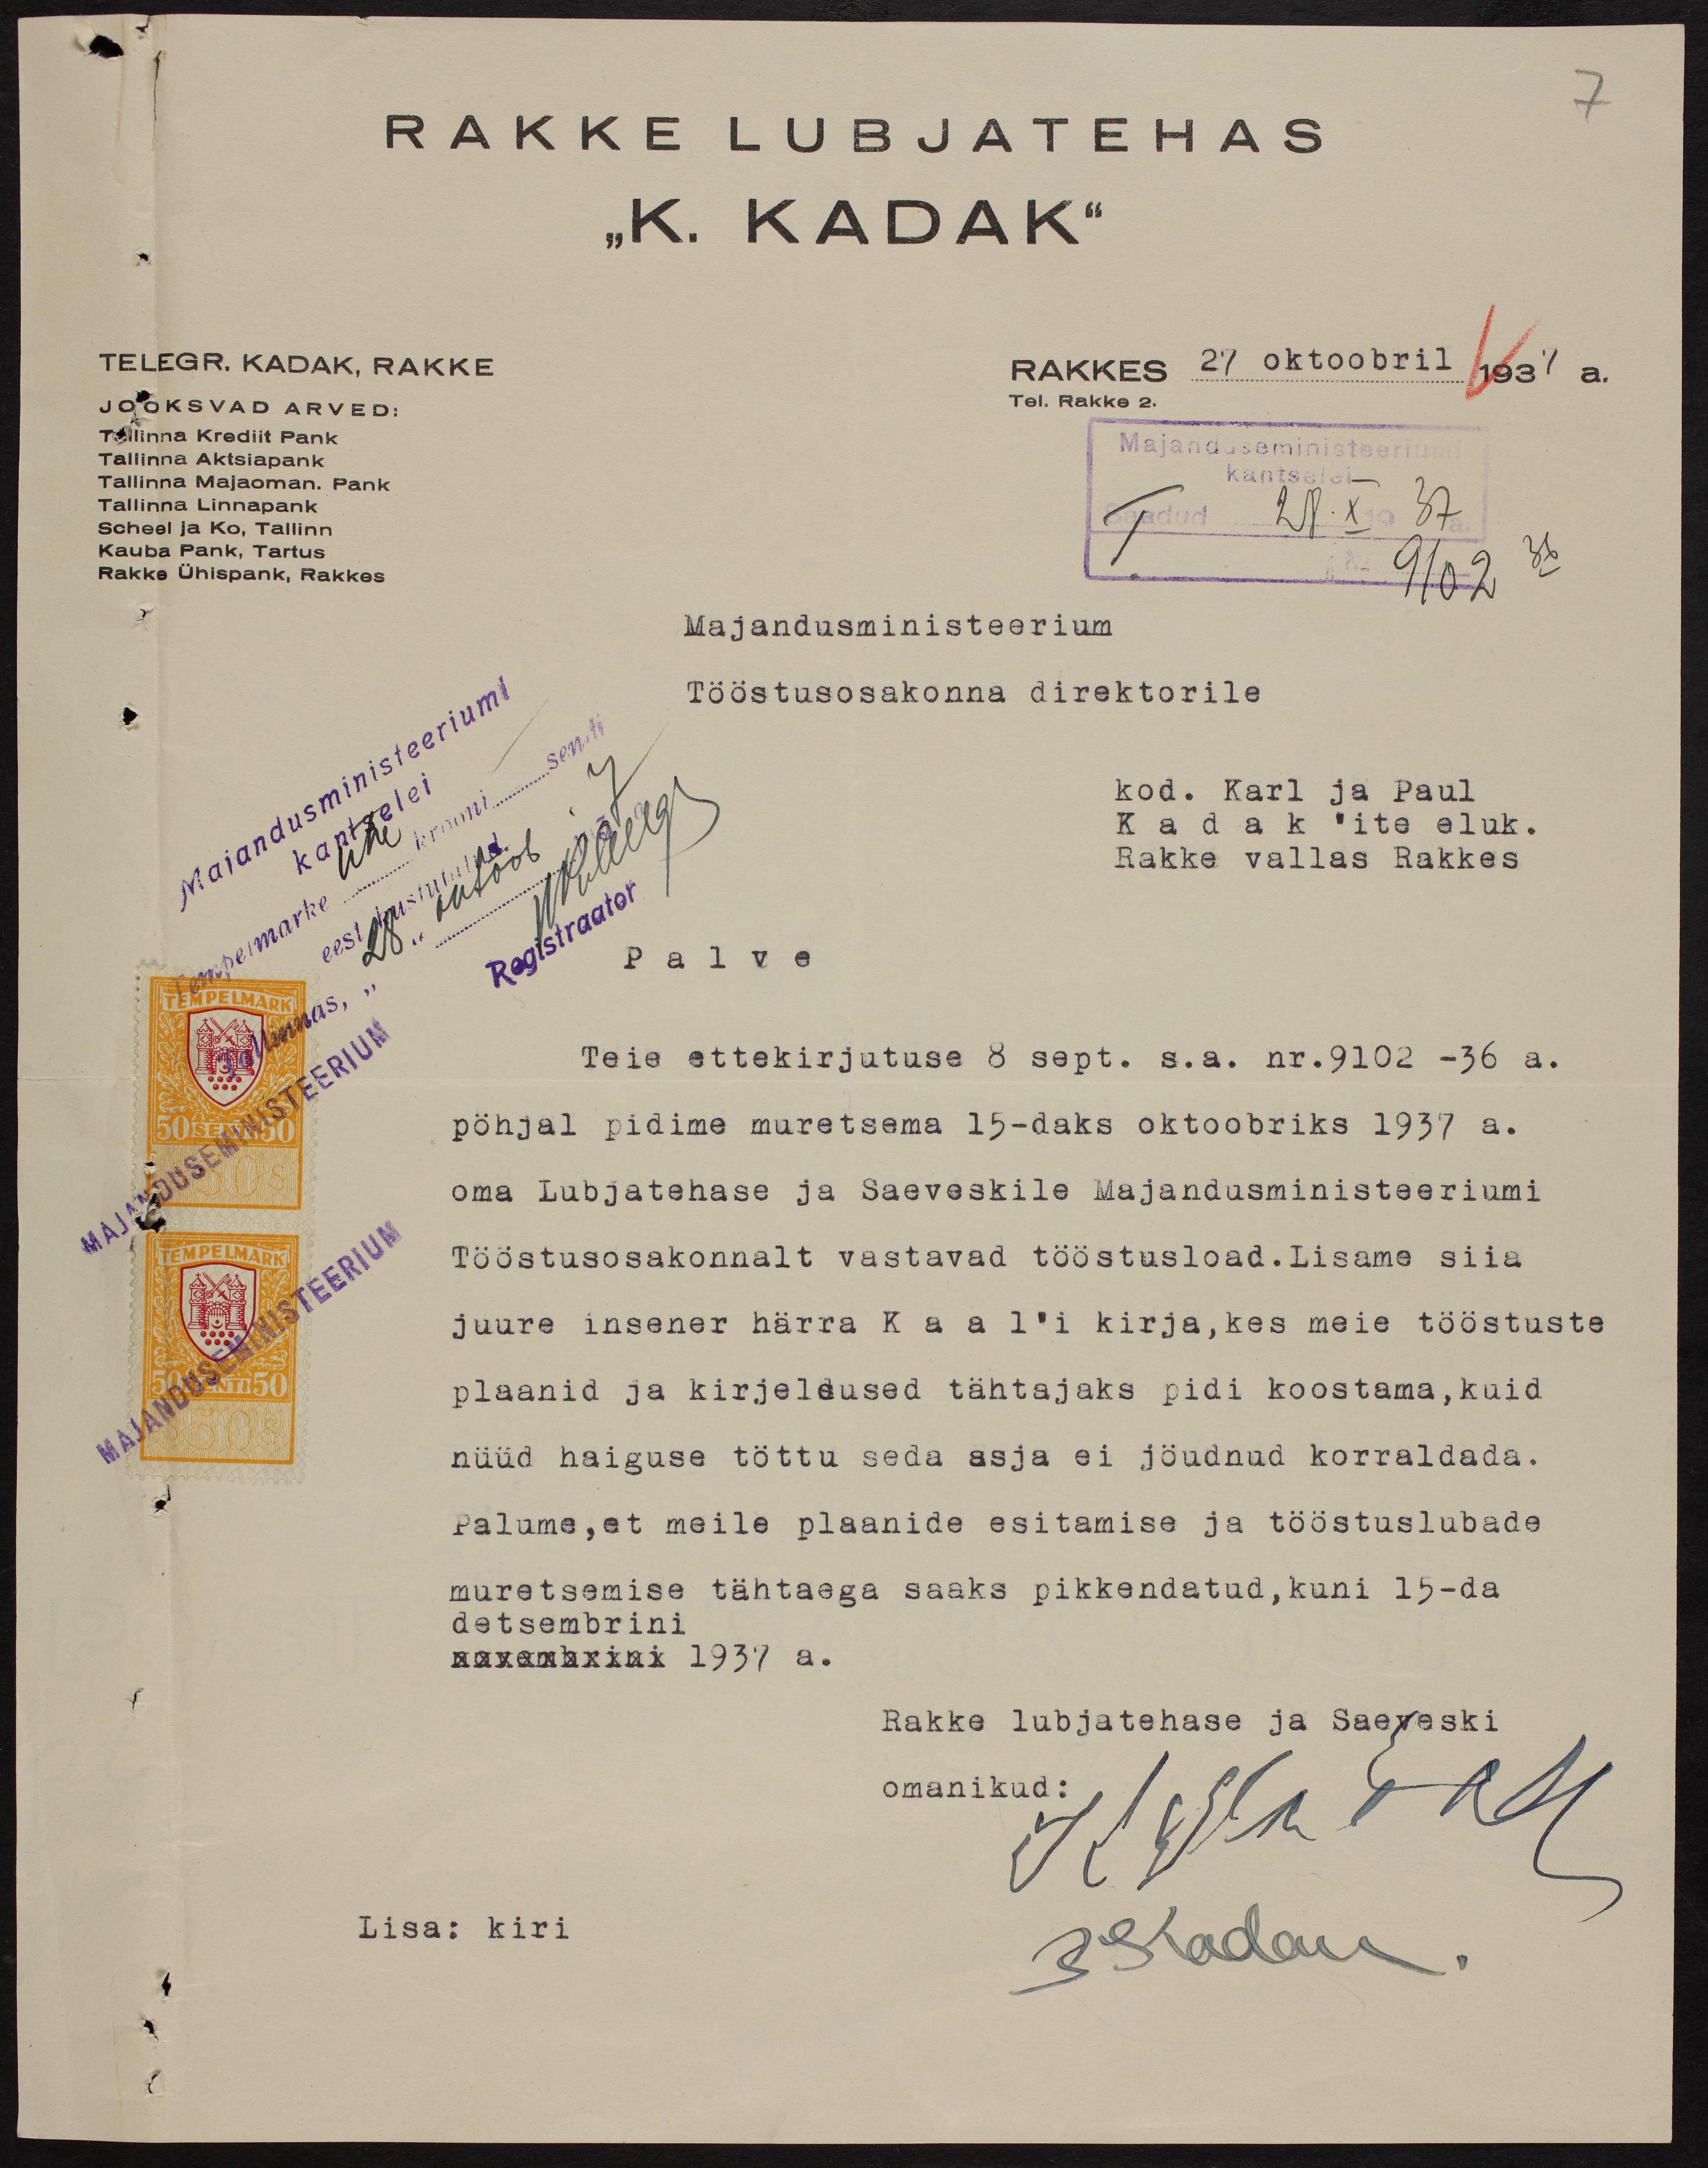 Väljavõtte Rakke lubjatehase majandustoimikust, 1937. ERA.969.1.700